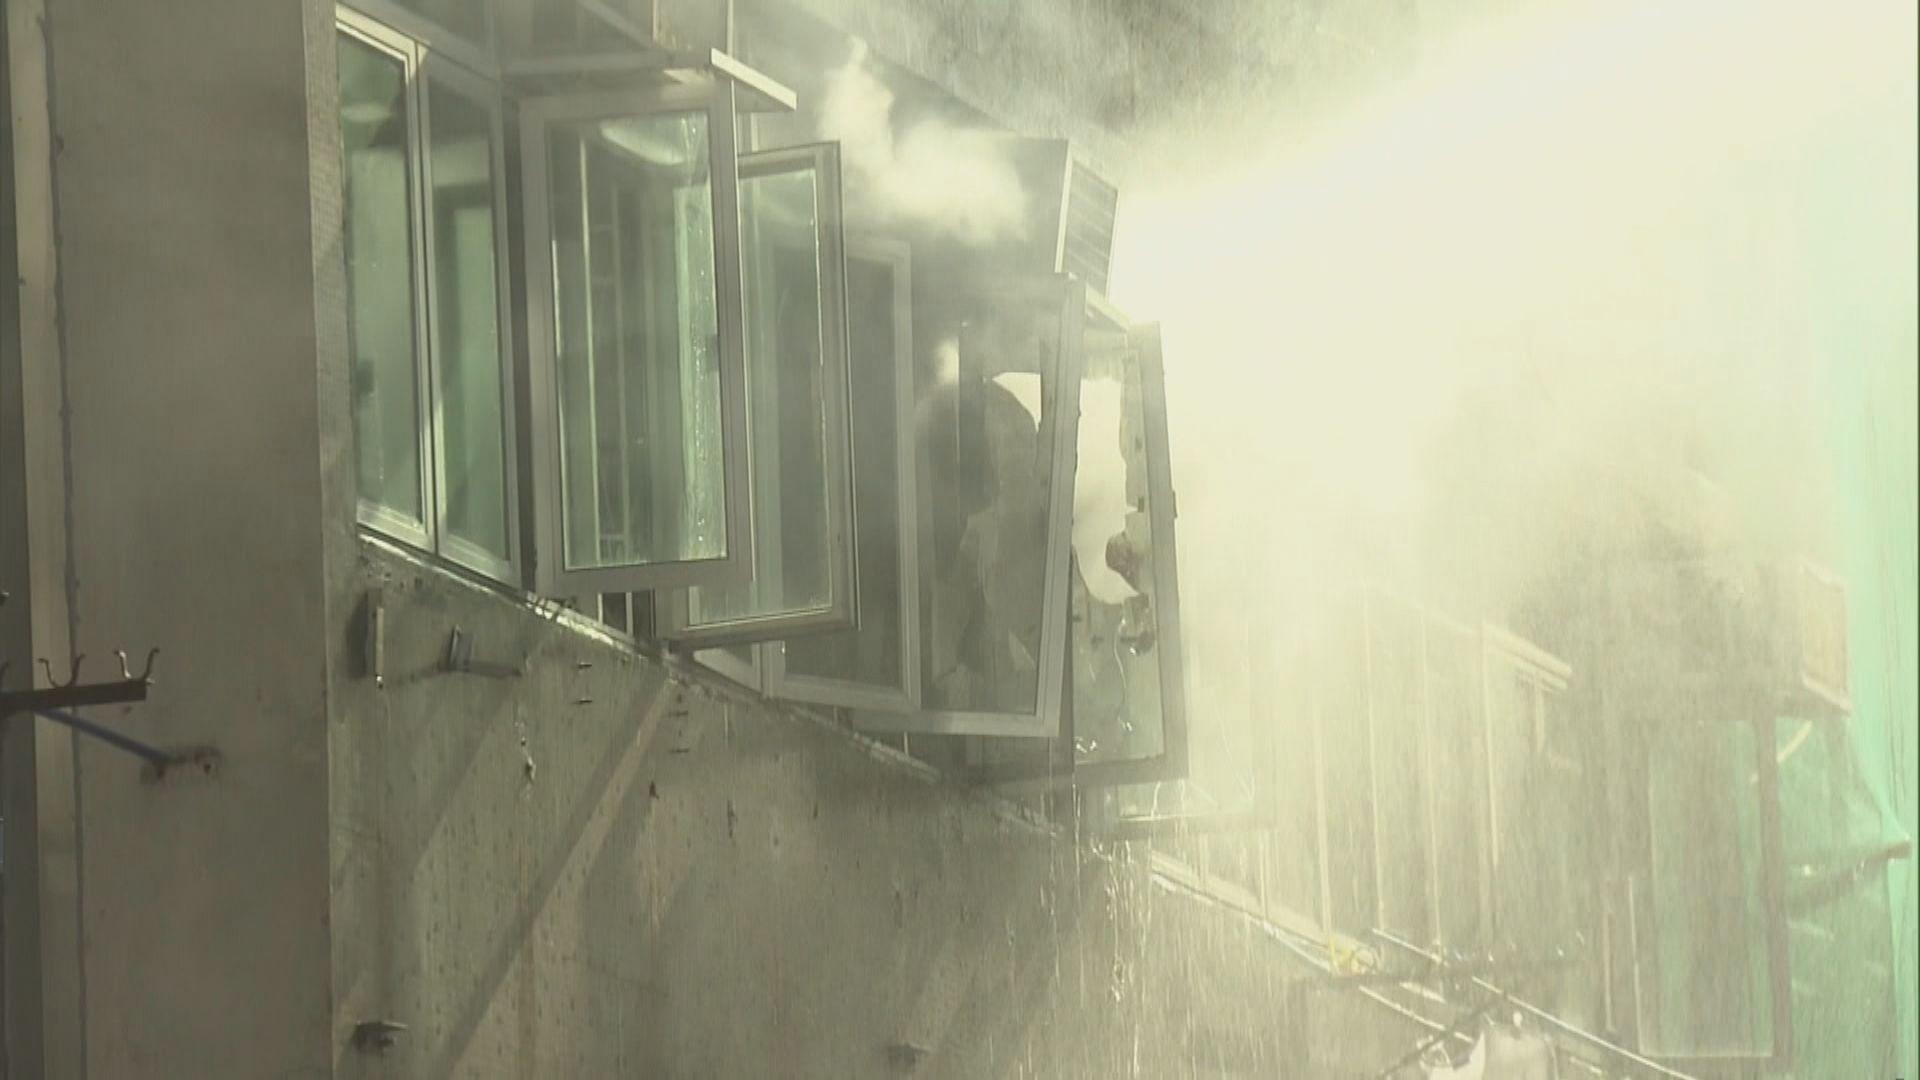 深水埗福榮街一住宅起火 一人送院